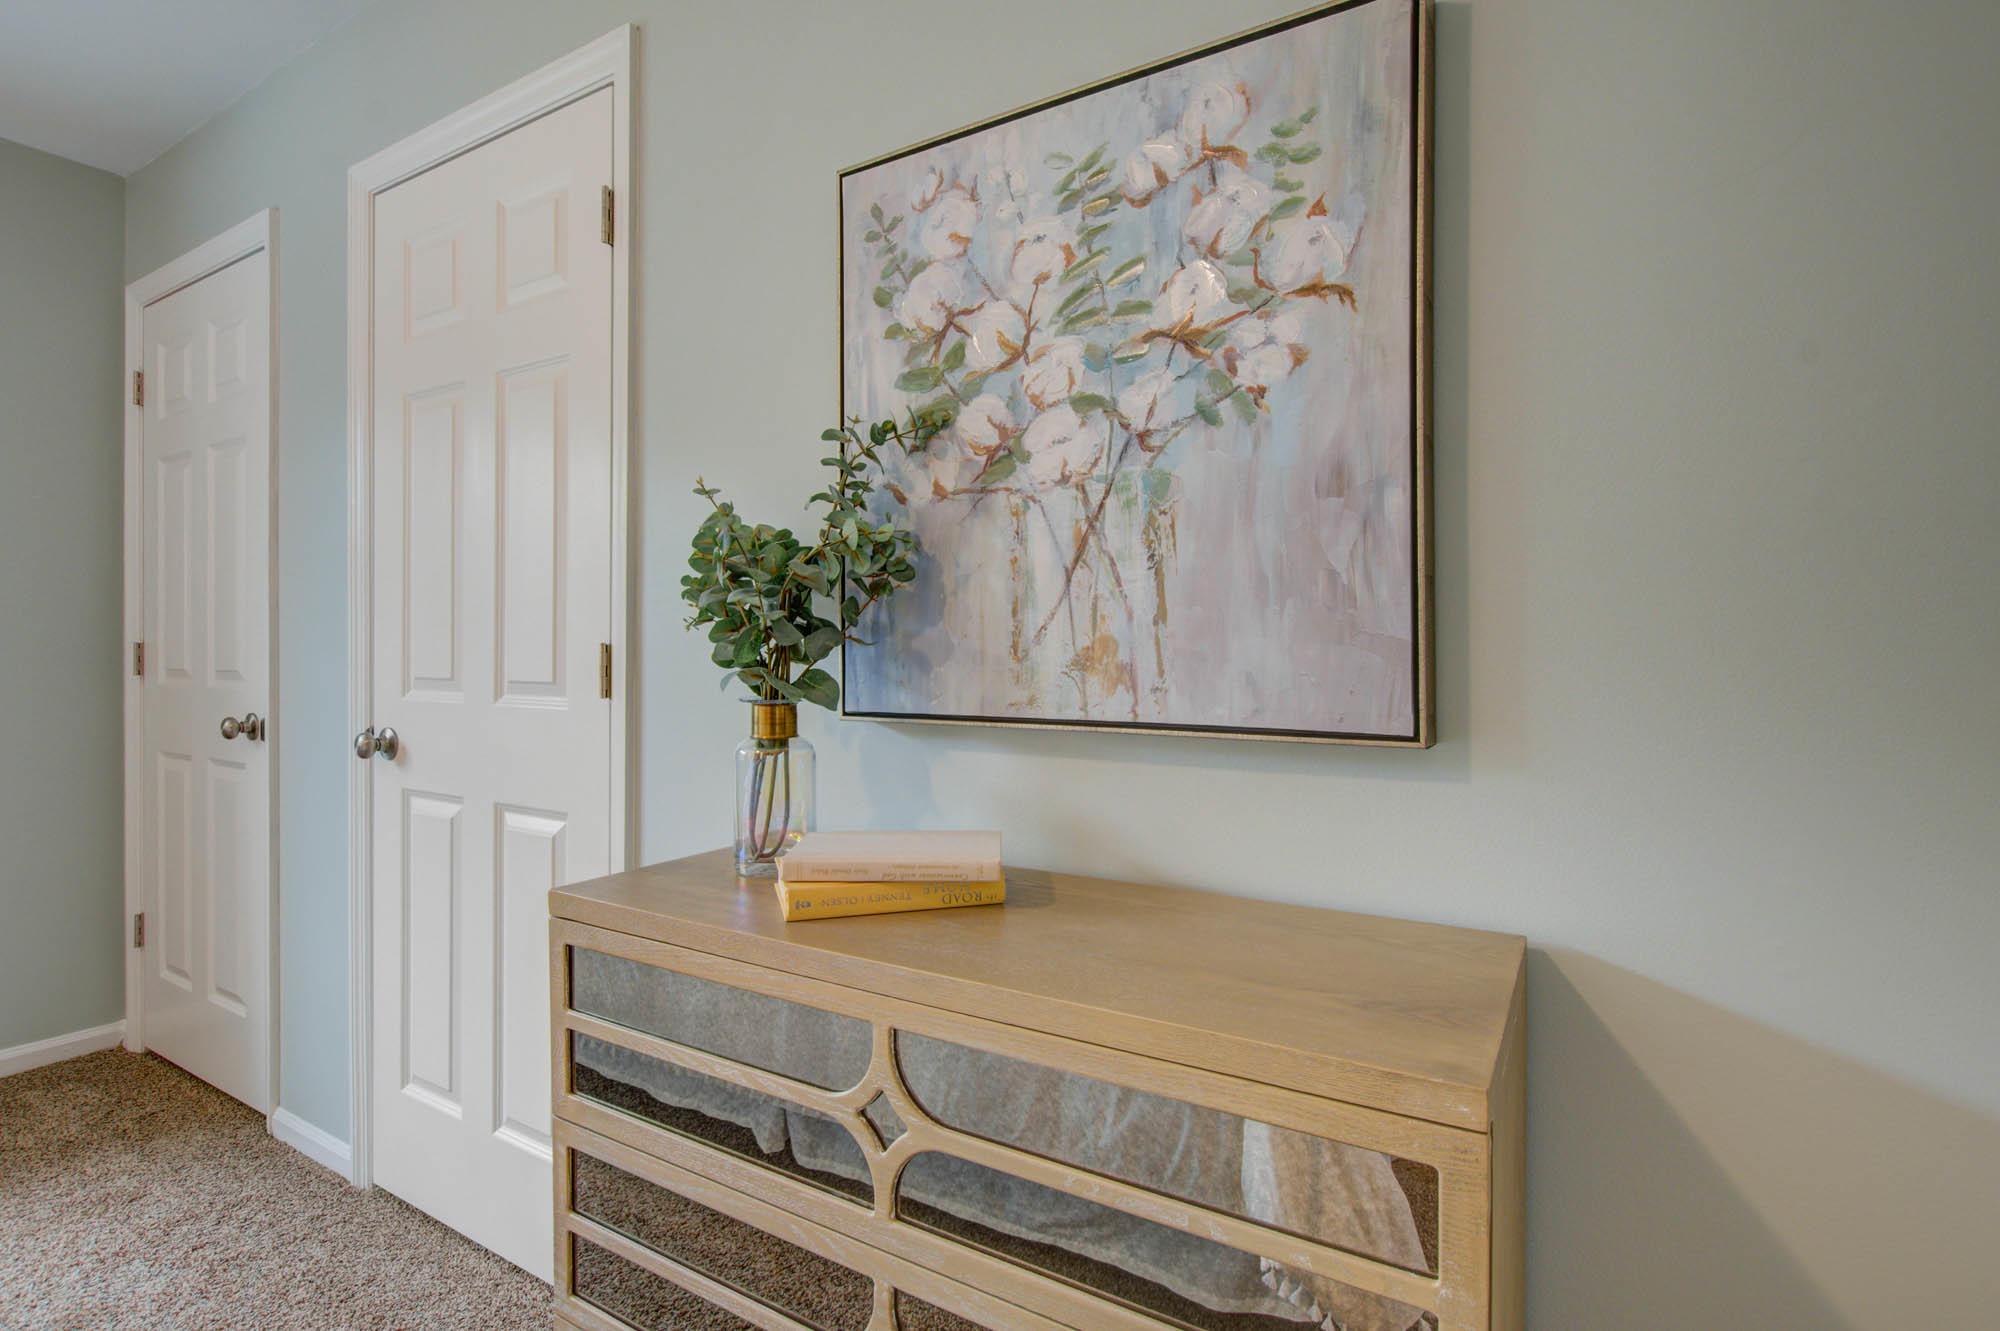 Wando East Homes For Sale - 1524 Nantahala, Mount Pleasant, SC - 4